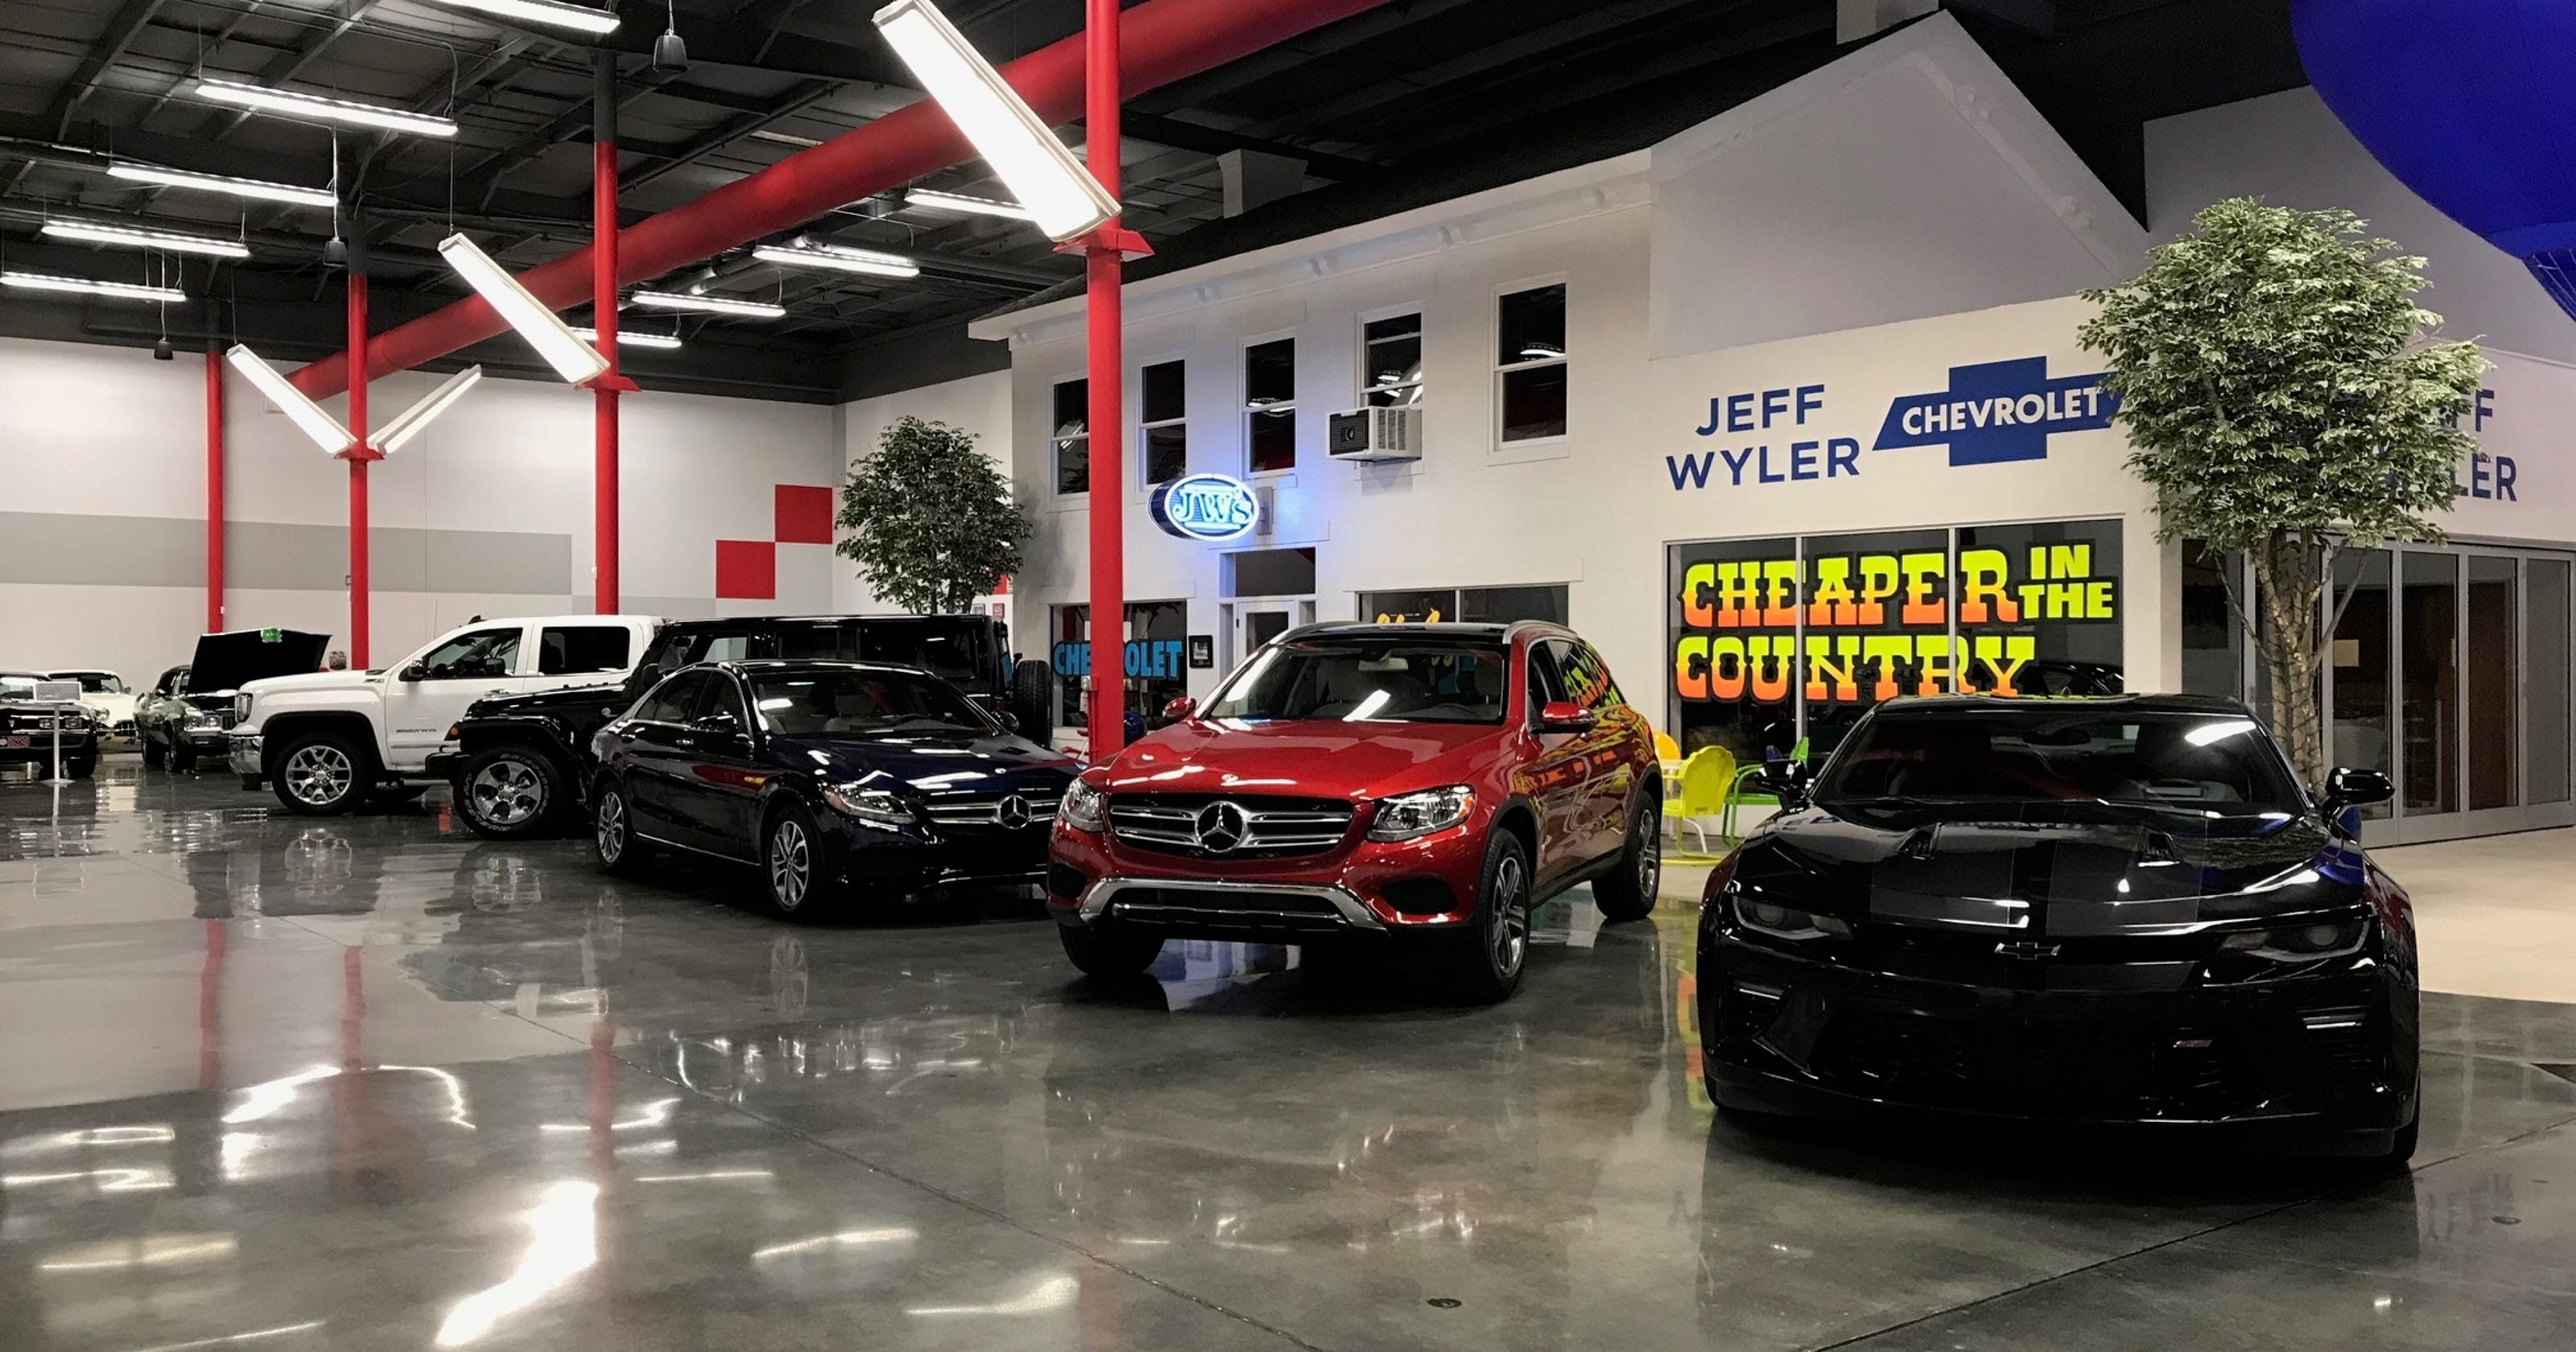 Ondemand Cars Cincinnati Auto Group Offering New Car Subscription - Cincinnati car show 2018